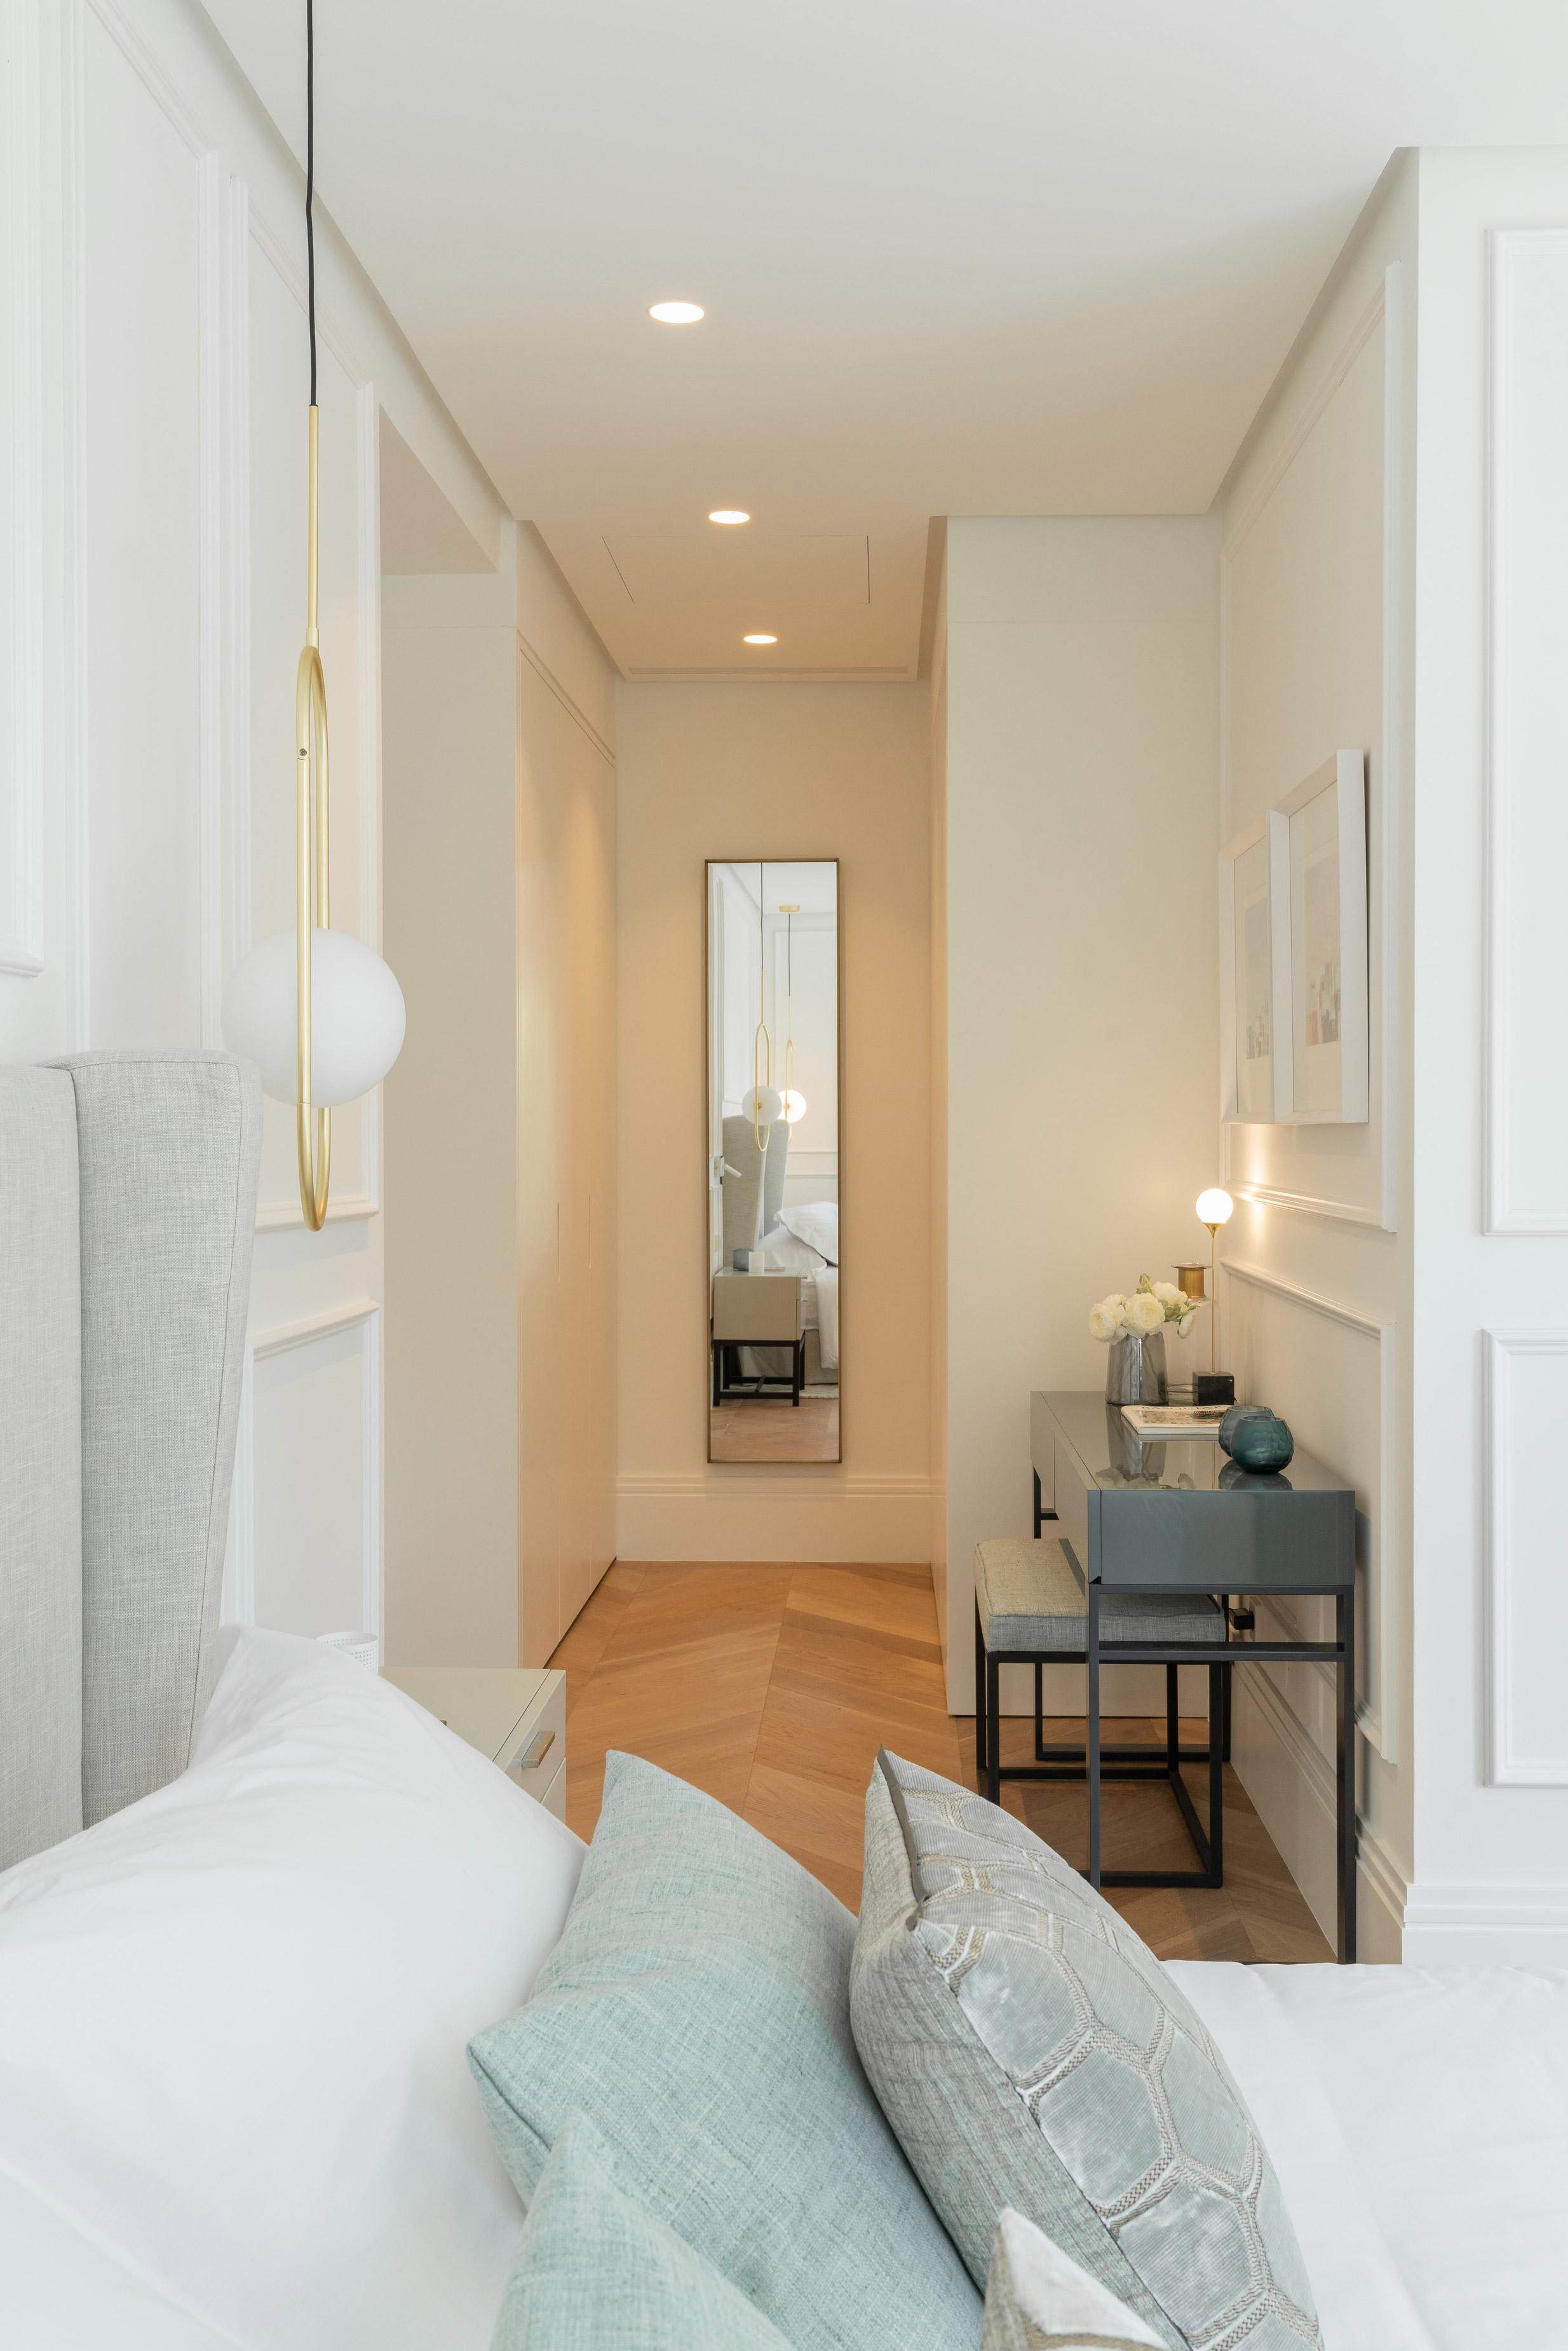 diseño interior marbella dormitorio entrada detalles